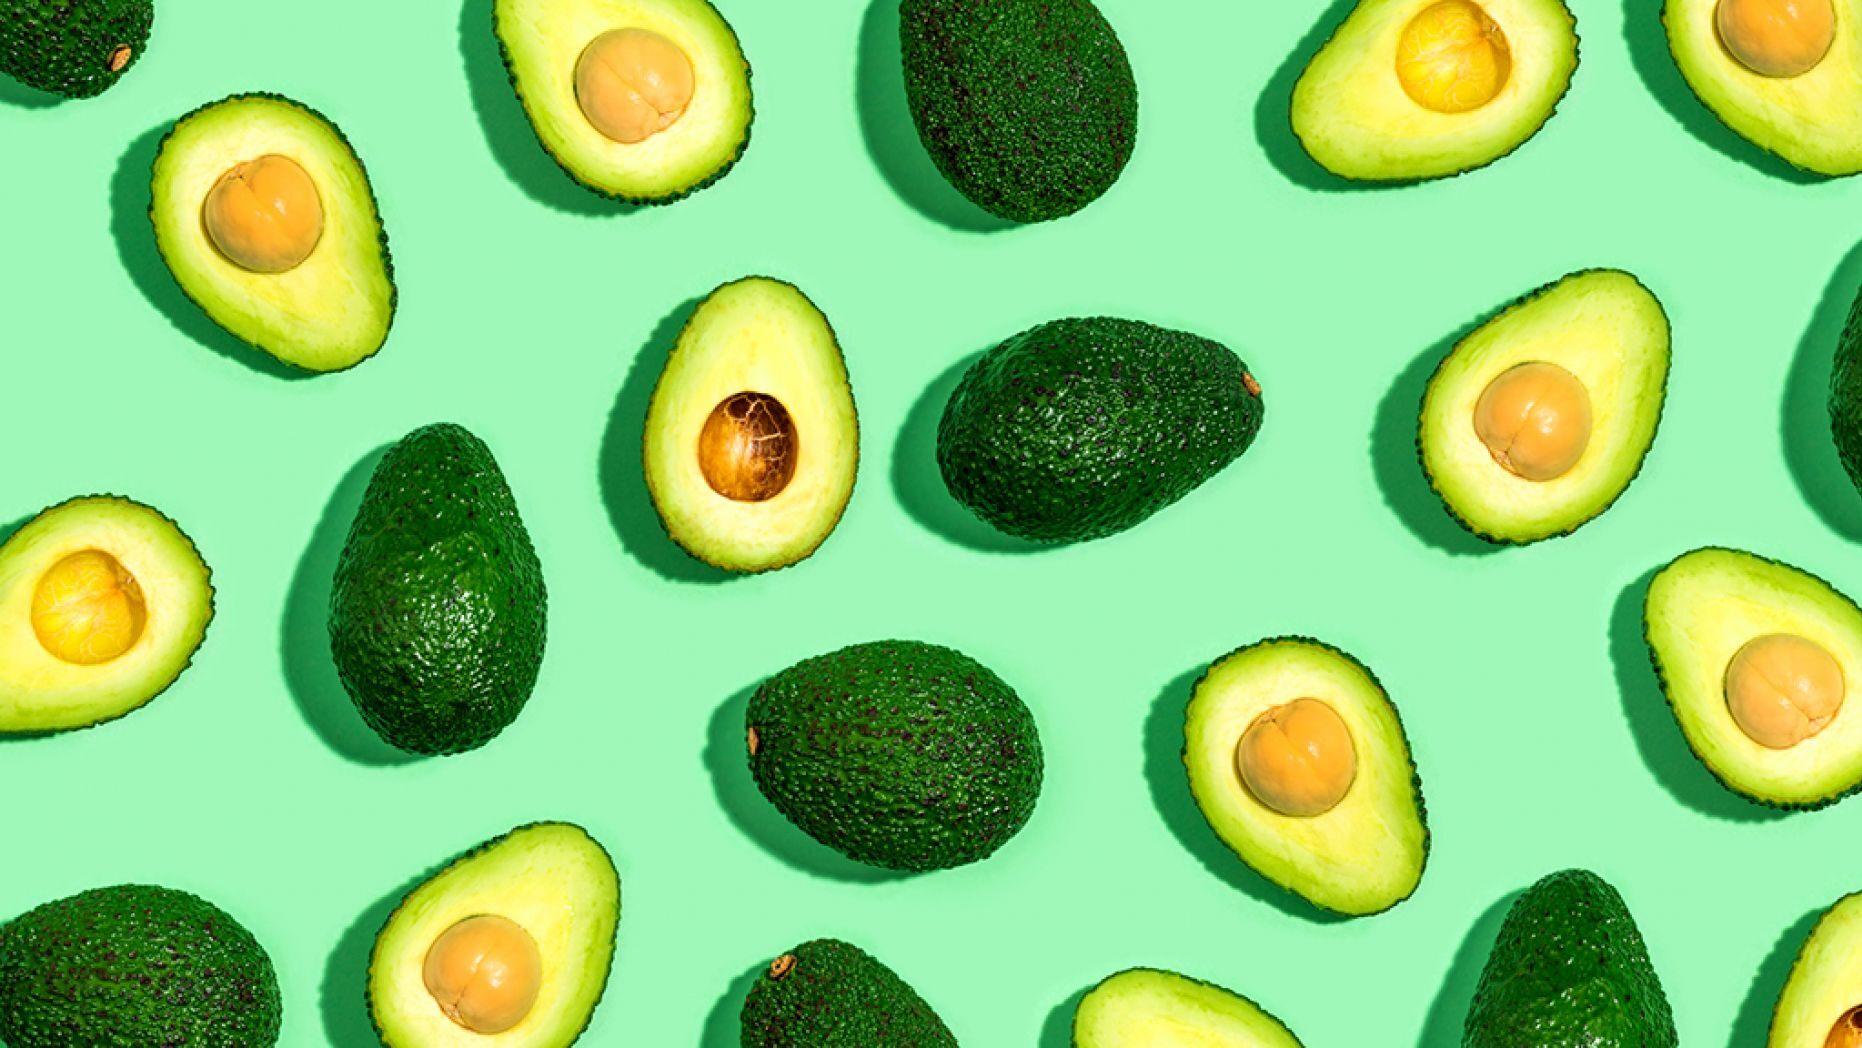 Avocaos.jpg